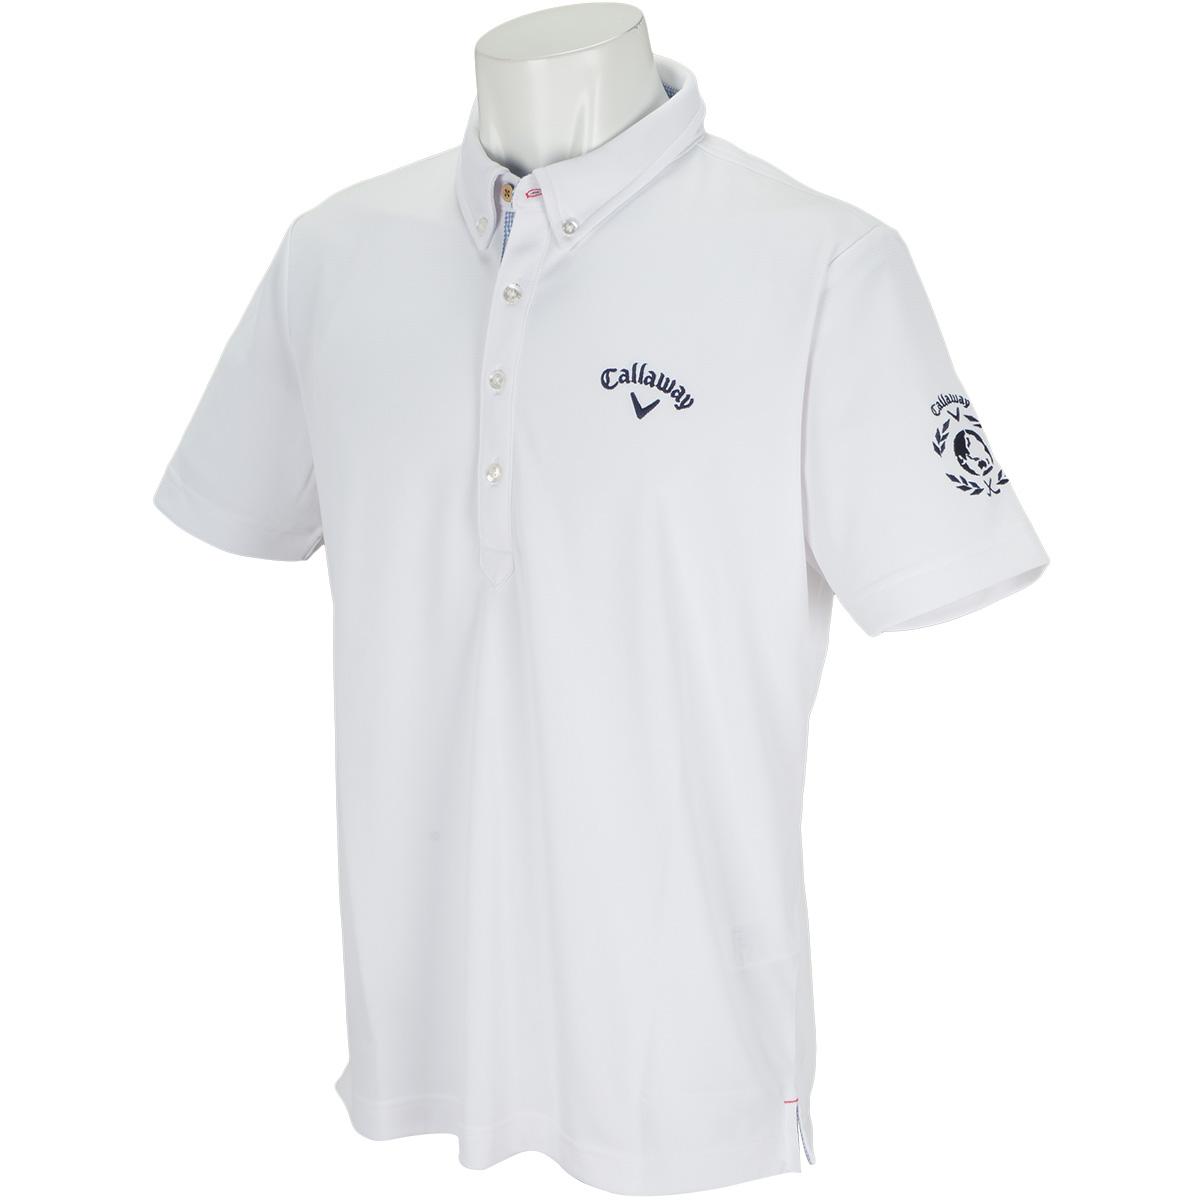 ボタンダウン -2℃+200cc カラー半袖ポロシャツ